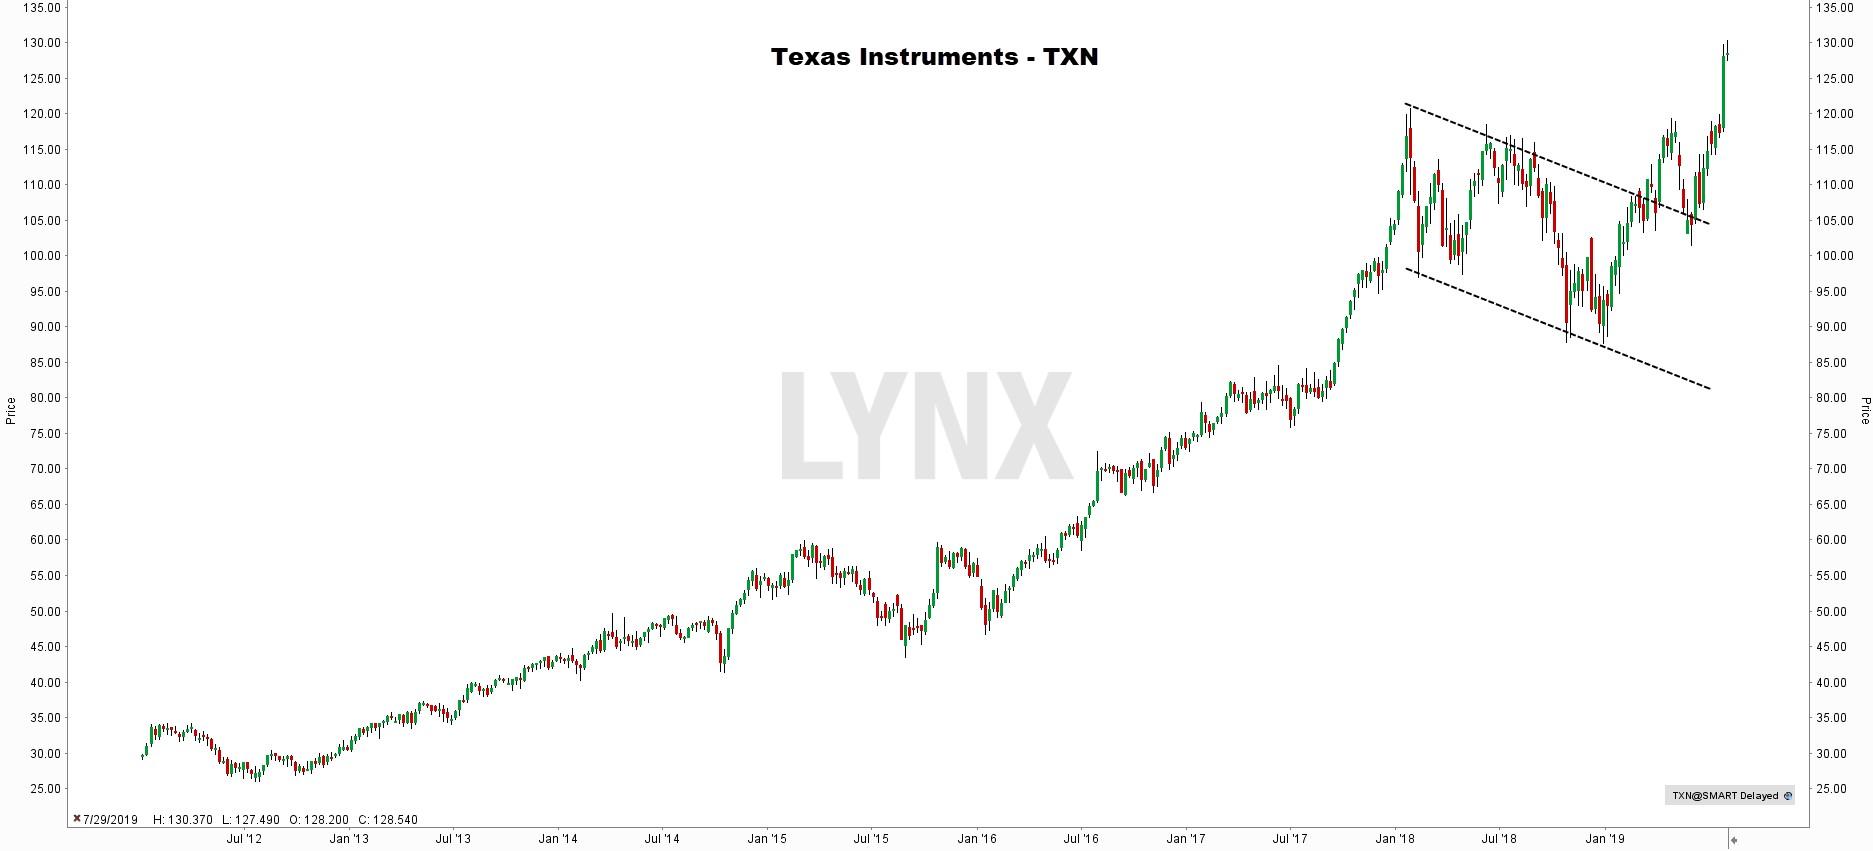 Internet of Things aandeel - Texas Instruments